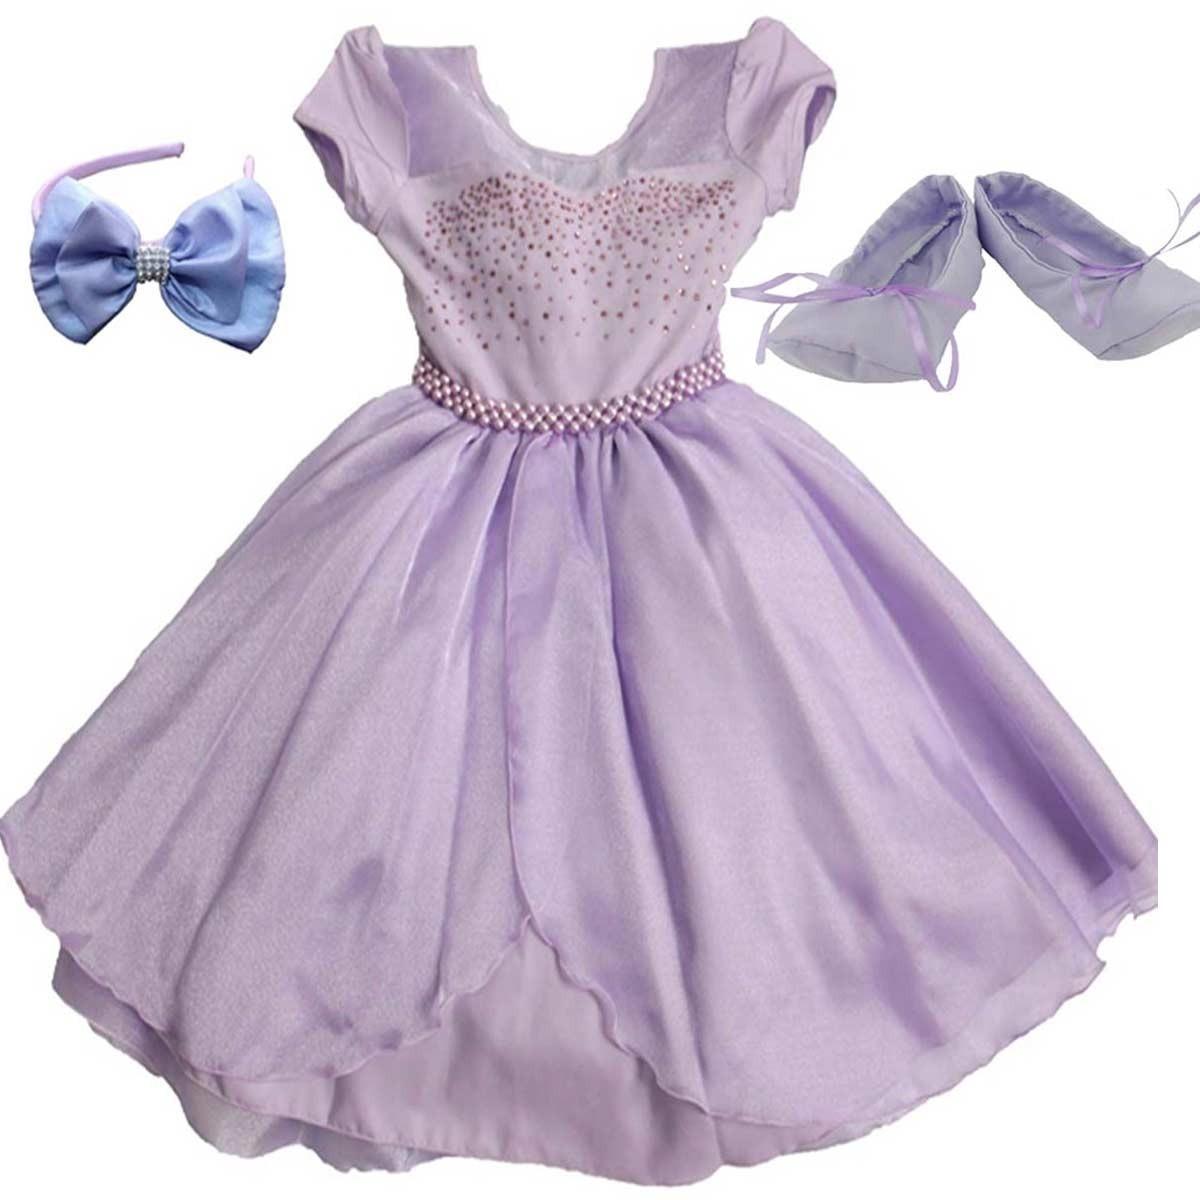 01095f260f vestido princesa sofia infantil luxo com tiara e sapatilha. Carregando zoom.